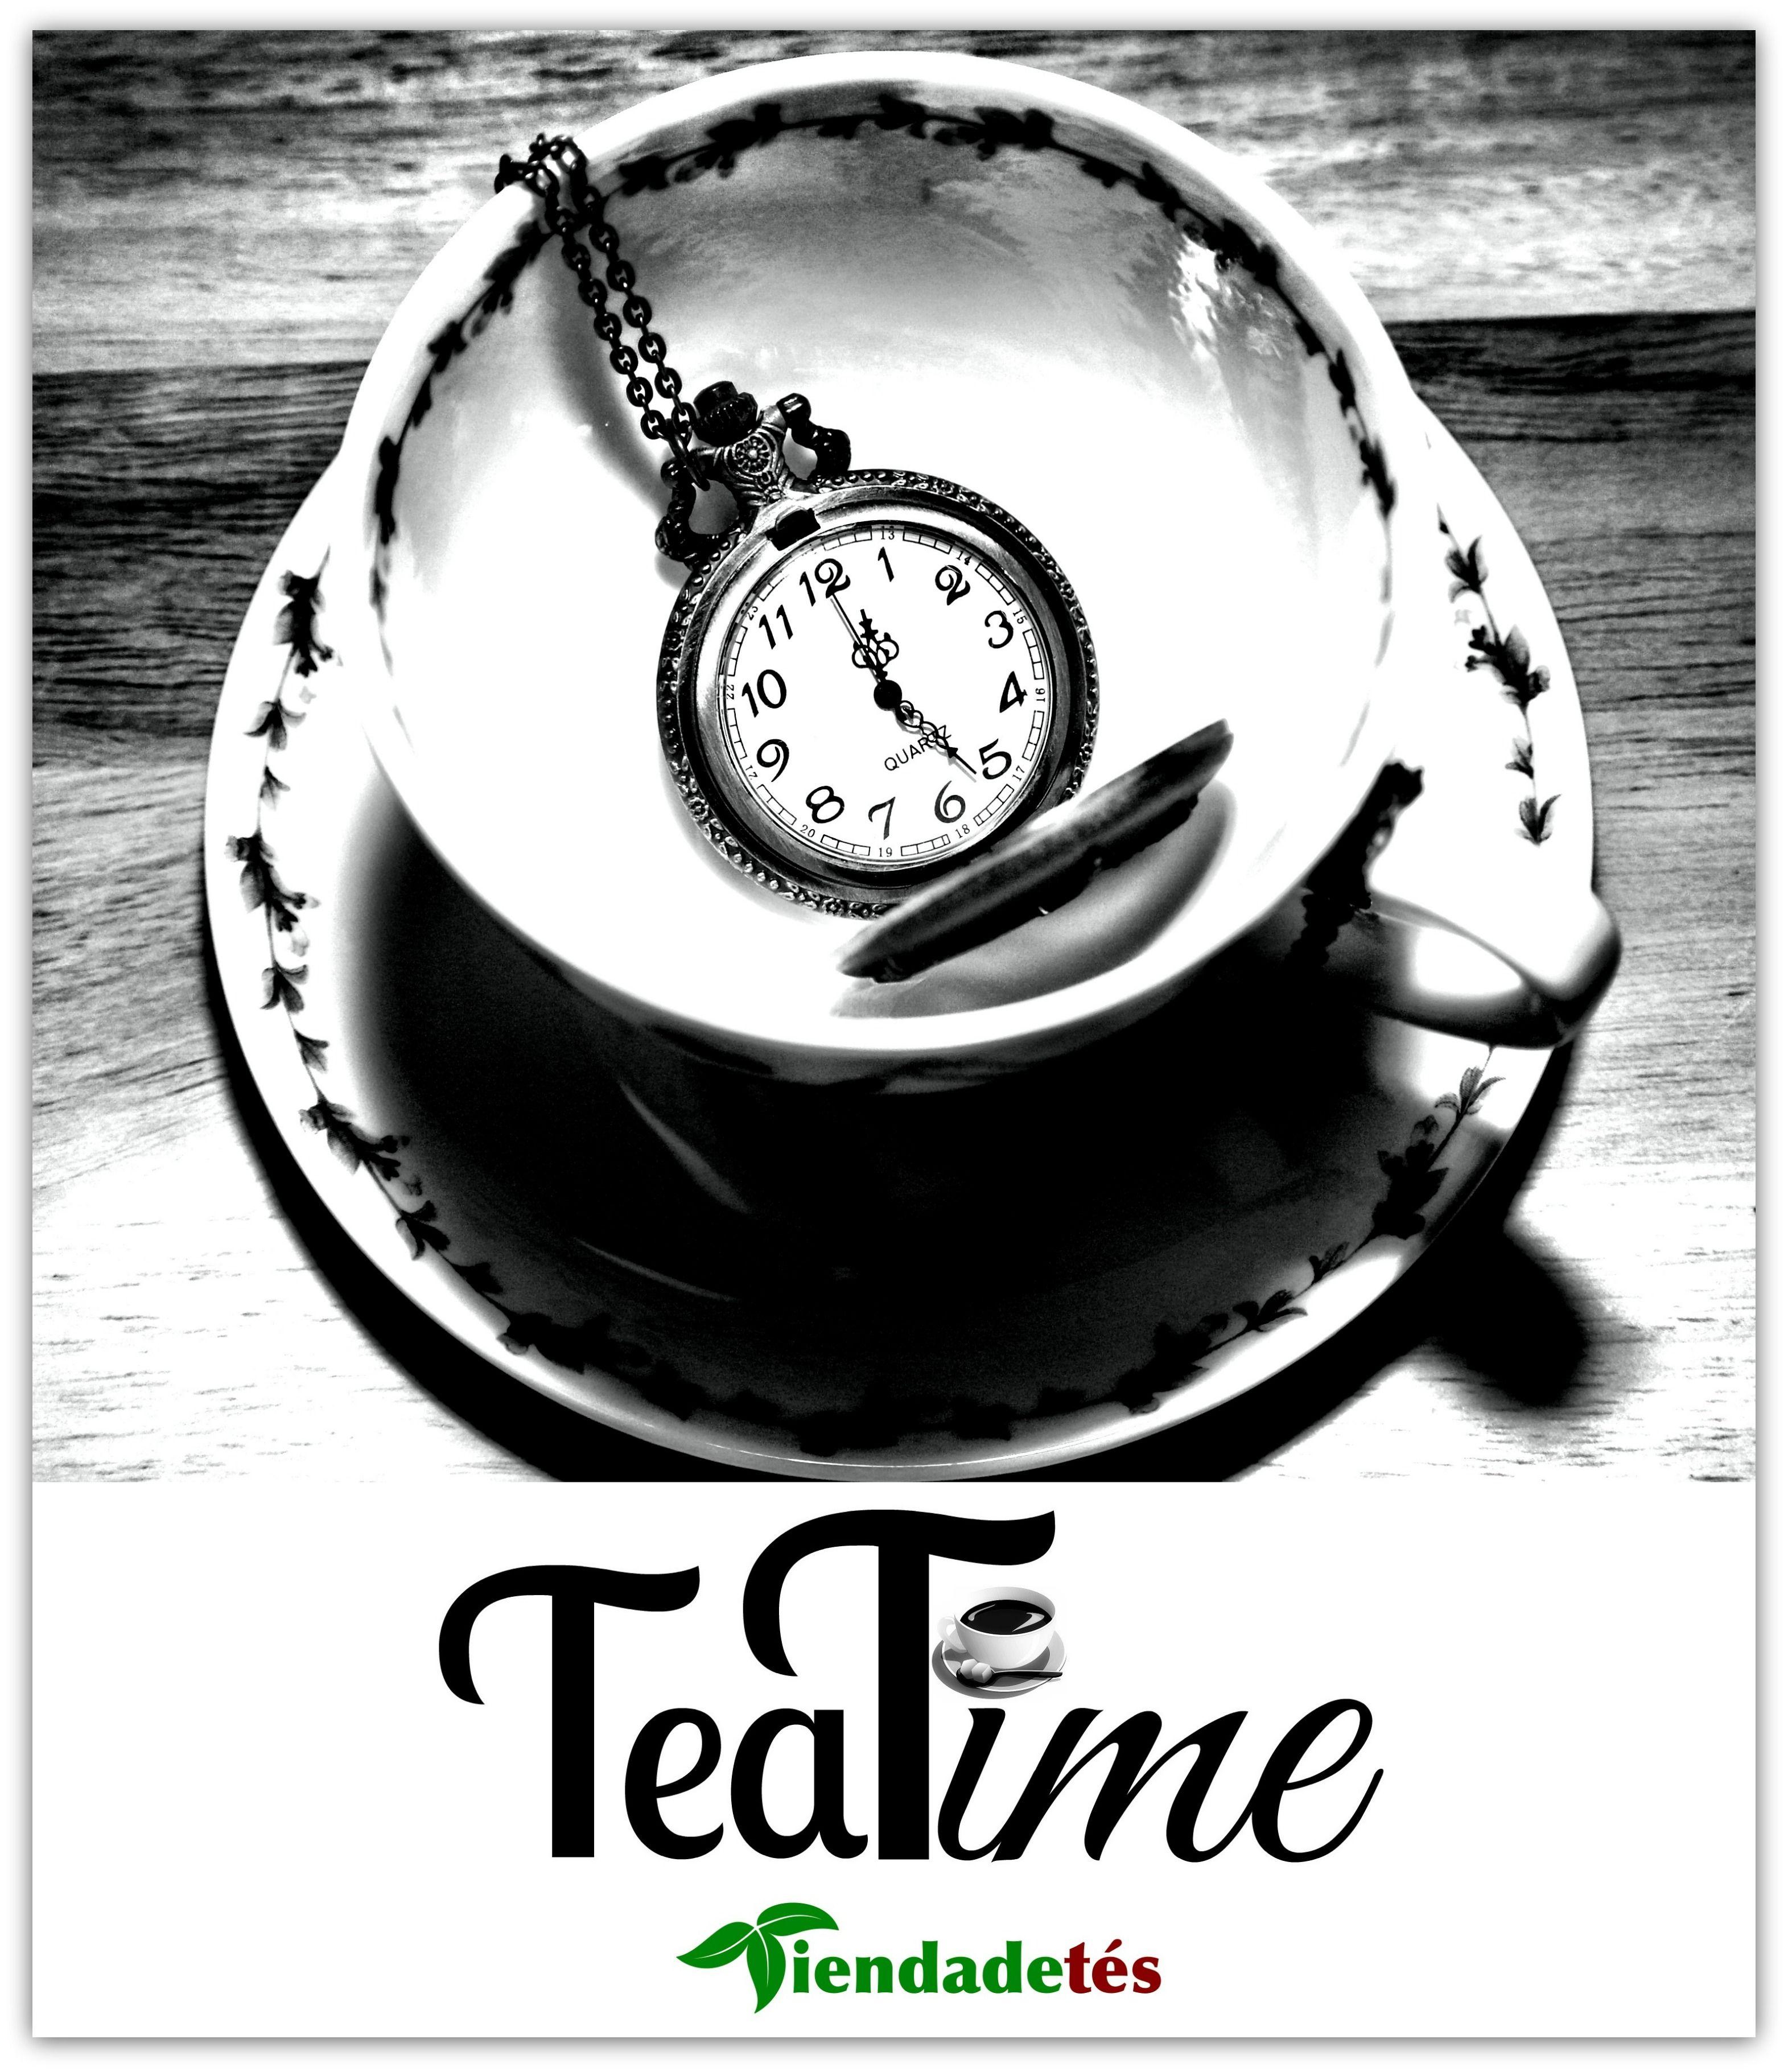 ¡¡Siempre hay tiempo para un buen Té!! ¡¡Entra en www.tiendadetes.com y elige el tuyo!! #Té #TeaTime #Tea #Tiendadetés #EncantaTé #Relax #Infusiones